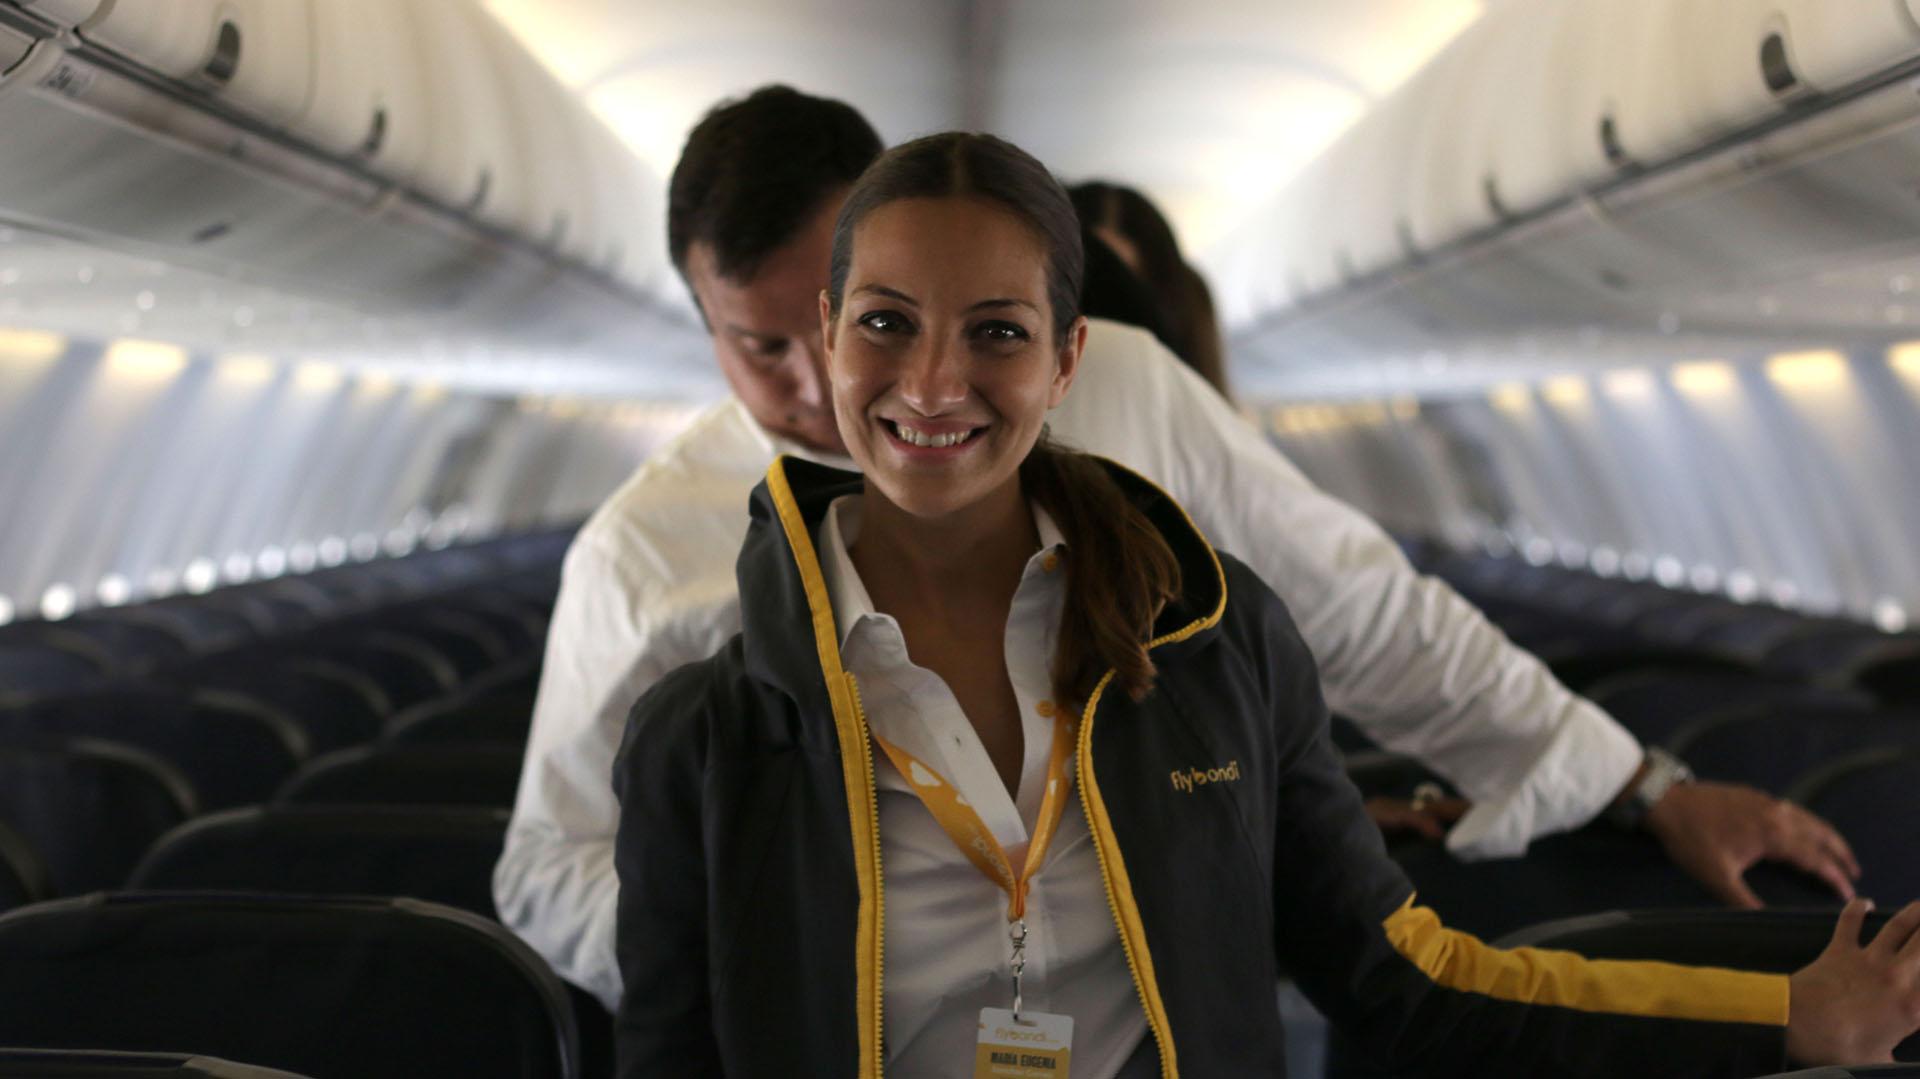 Los uniformes de la tripulación de Flybondi fueron diseñados por la marca argentina Cora Groppo